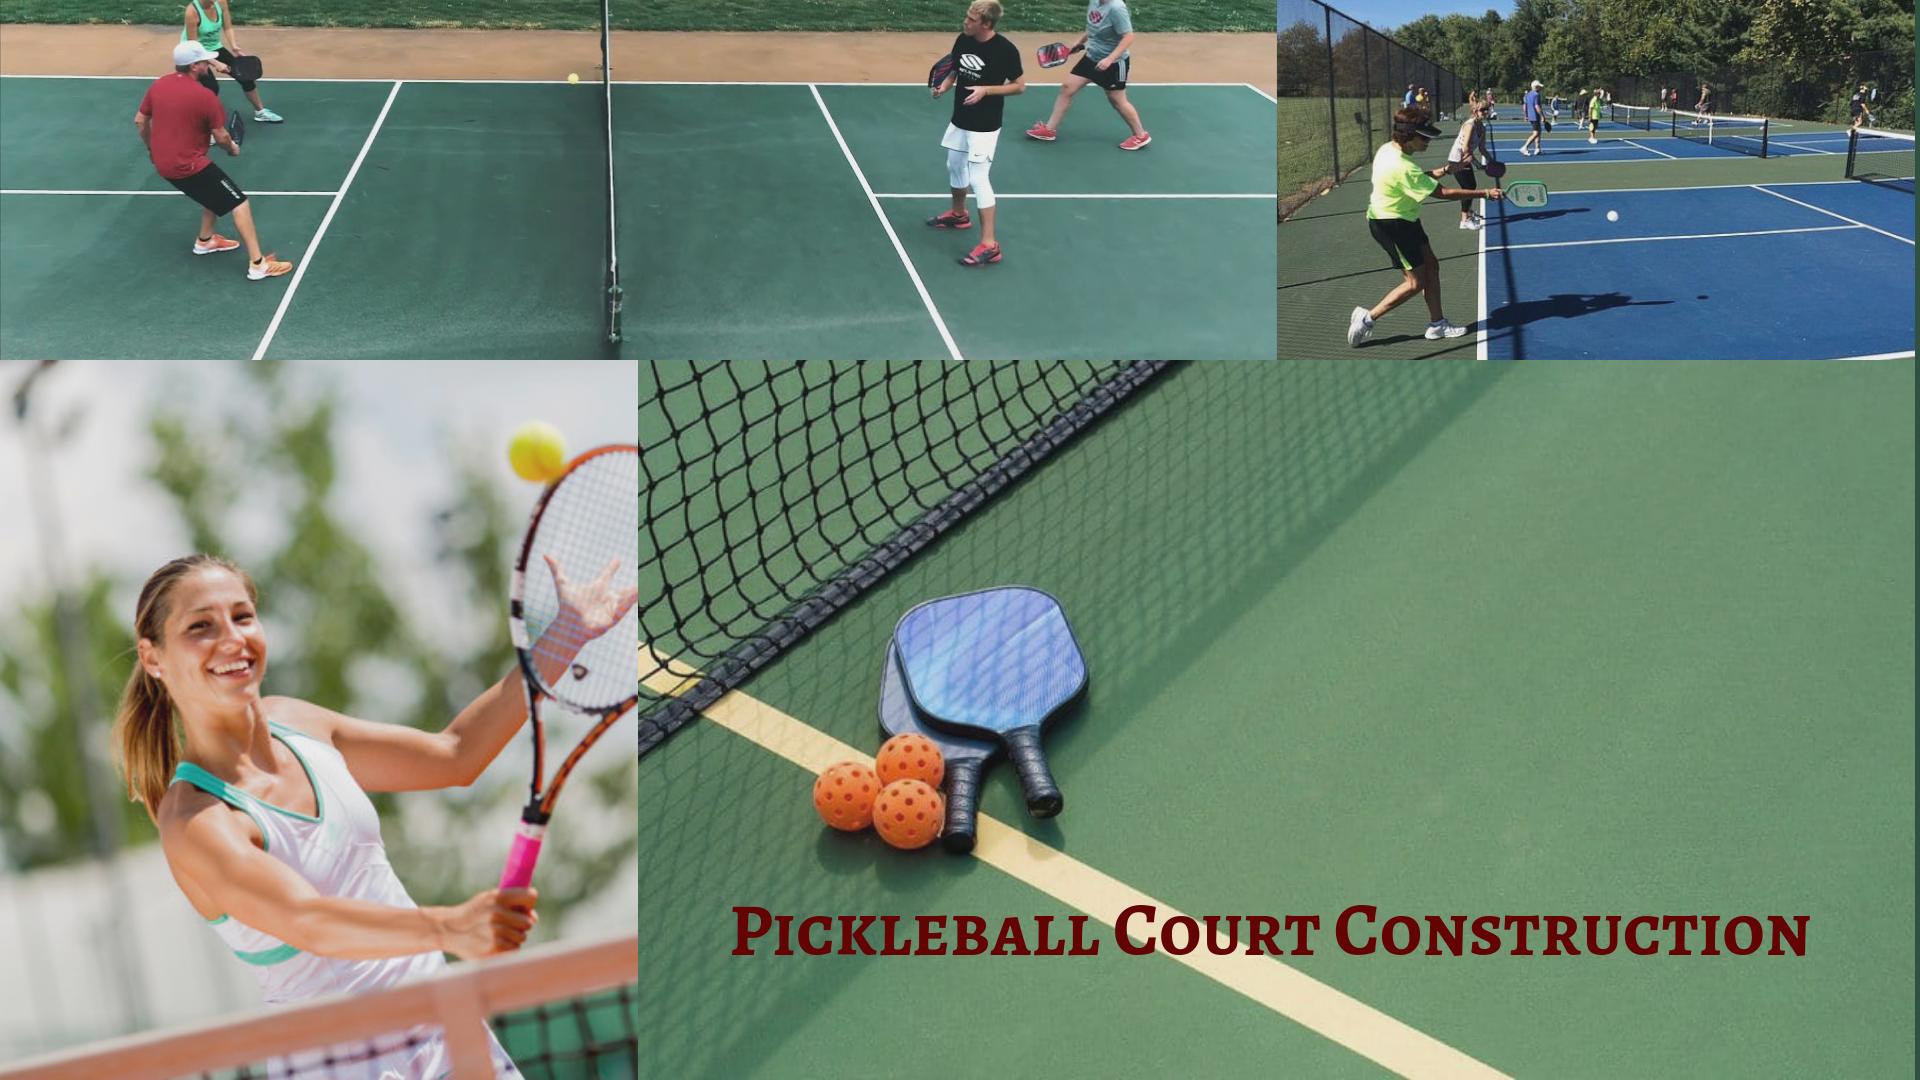 Pickleball Court Explained Pickleball Court Pickleball Tennis Court